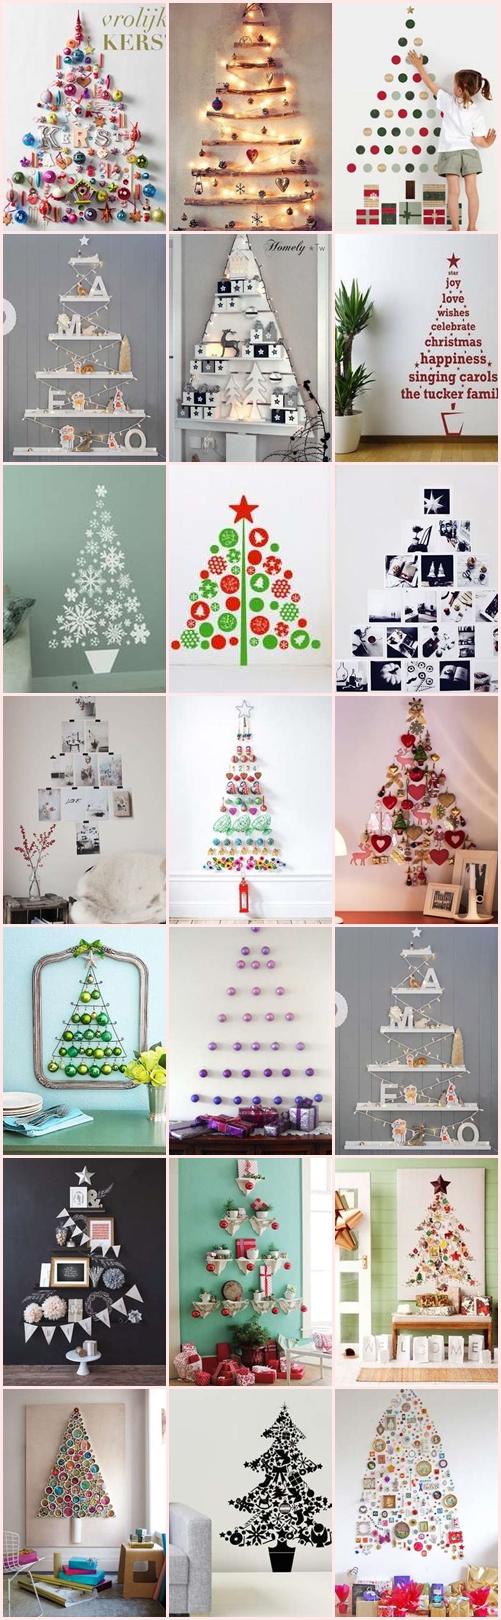 クリスマスツリー 自宅 手作り 壁面飾り 壁飾り おすすめ